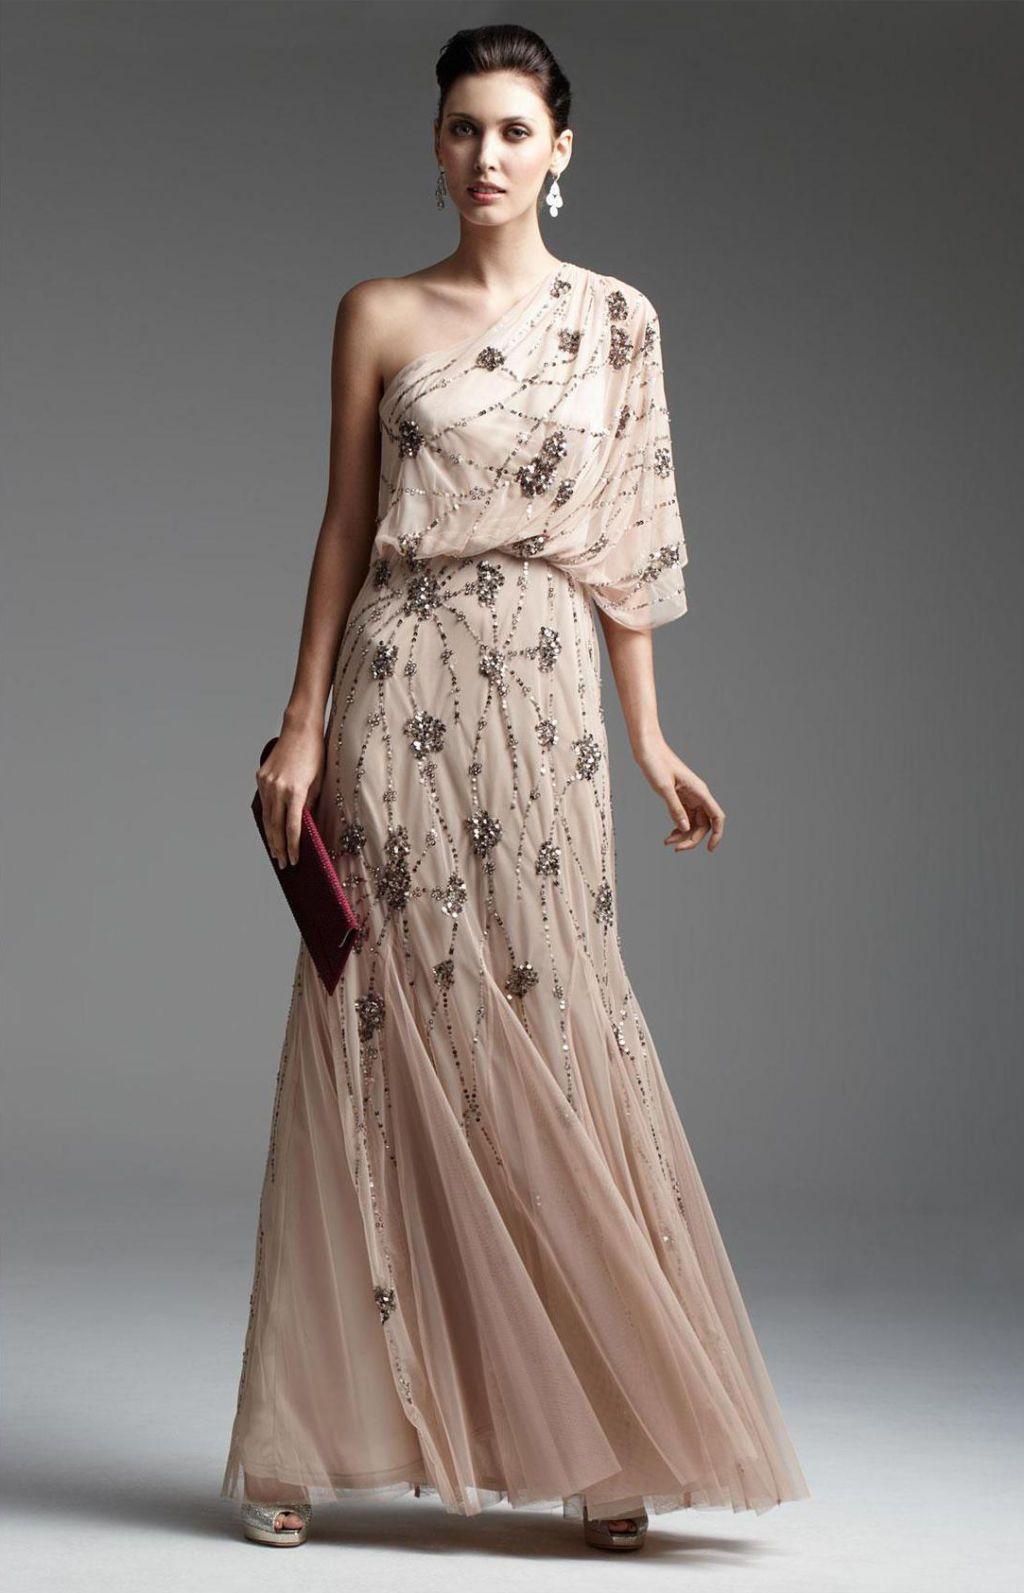 3e8a3342cdf8 Guarda i vestiti lunghi eleganti da principessa moda estate 2017 che puoi  indossare per una cerimonia ...